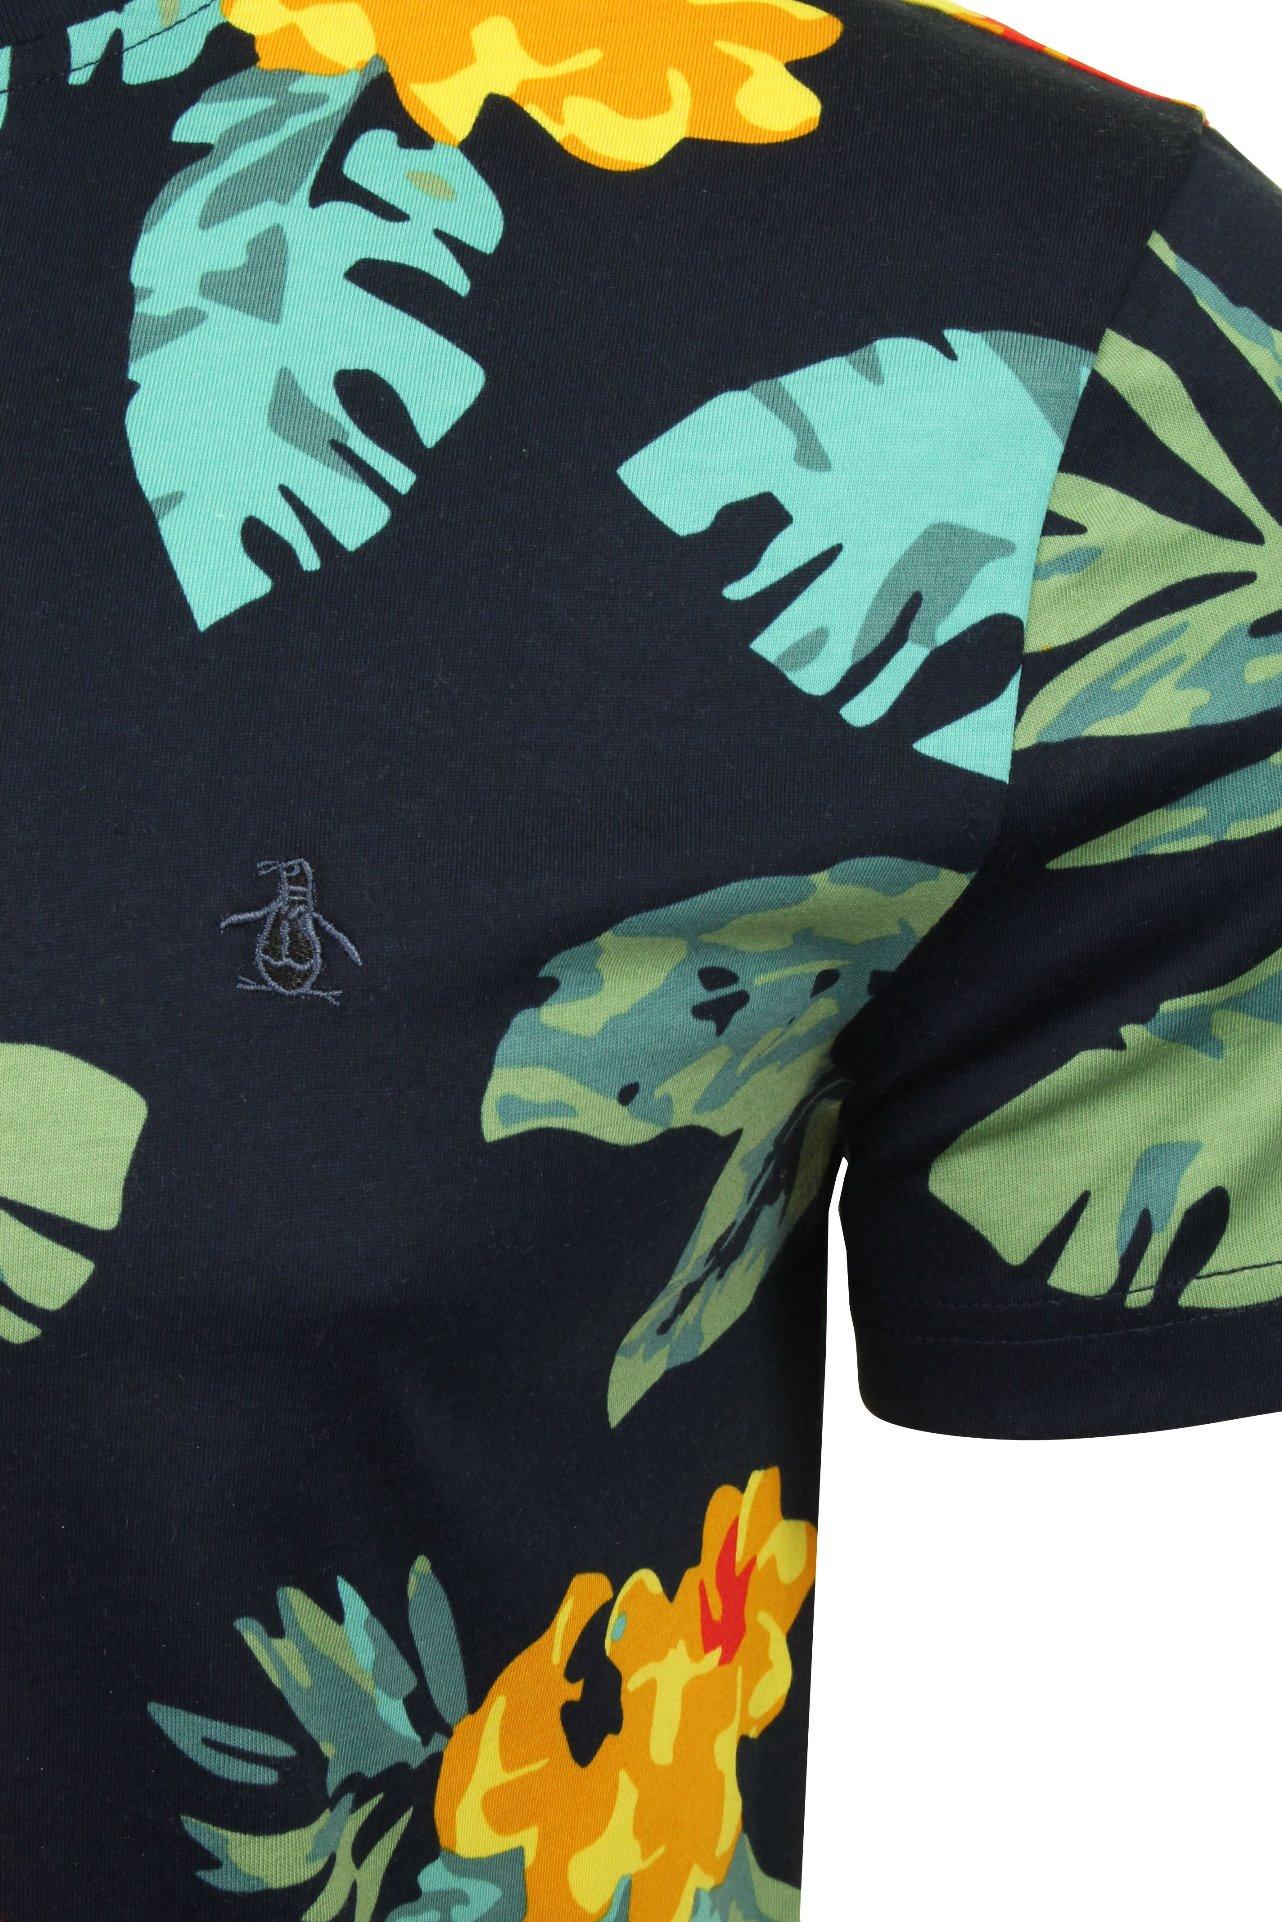 Original-Penguin-Mens-t-shirt-039-exploto-floral-de-manga-corta-039 miniatura 3